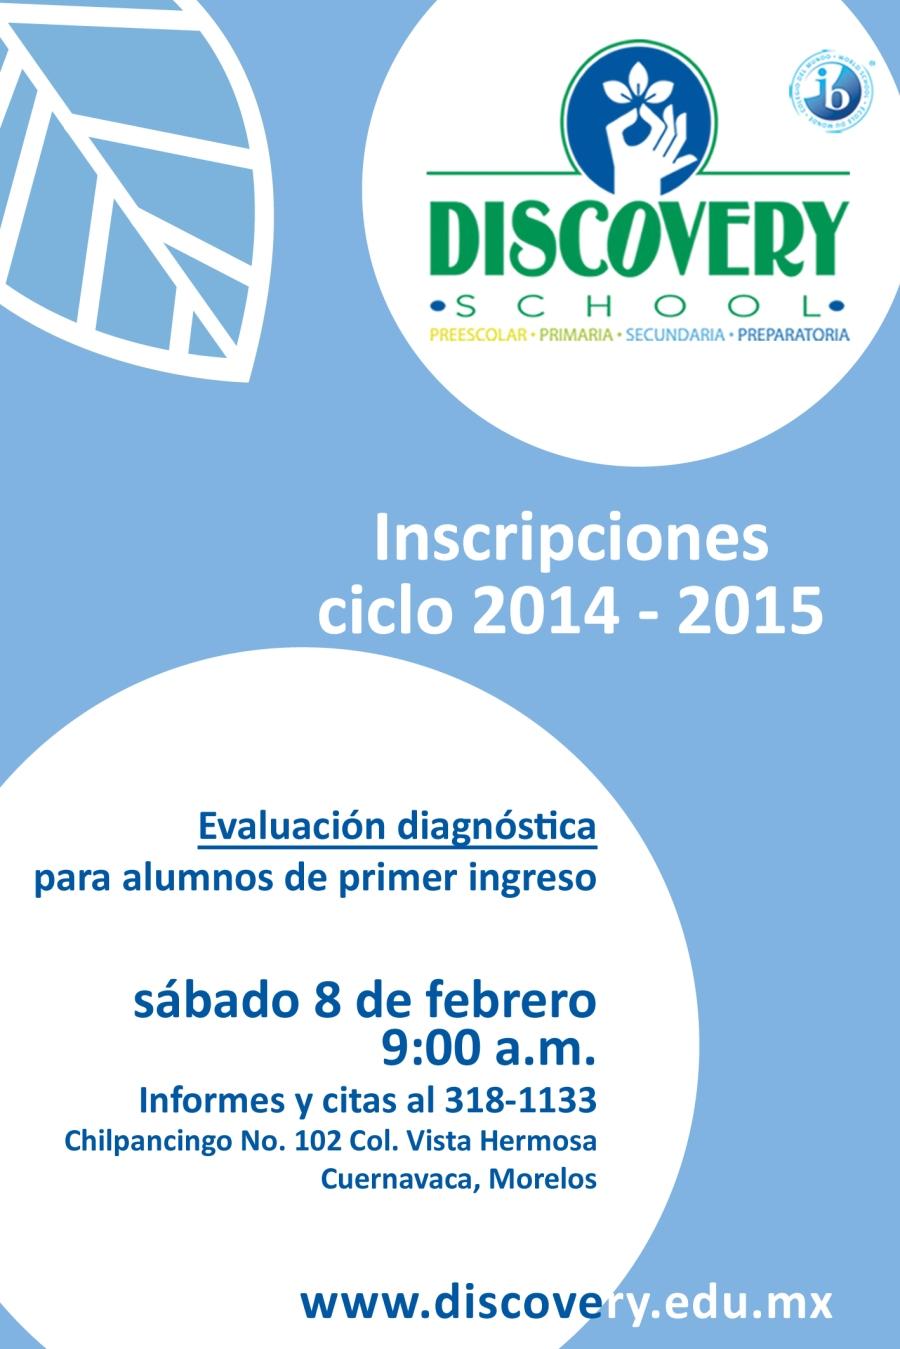 Inscripciones 2014-2015